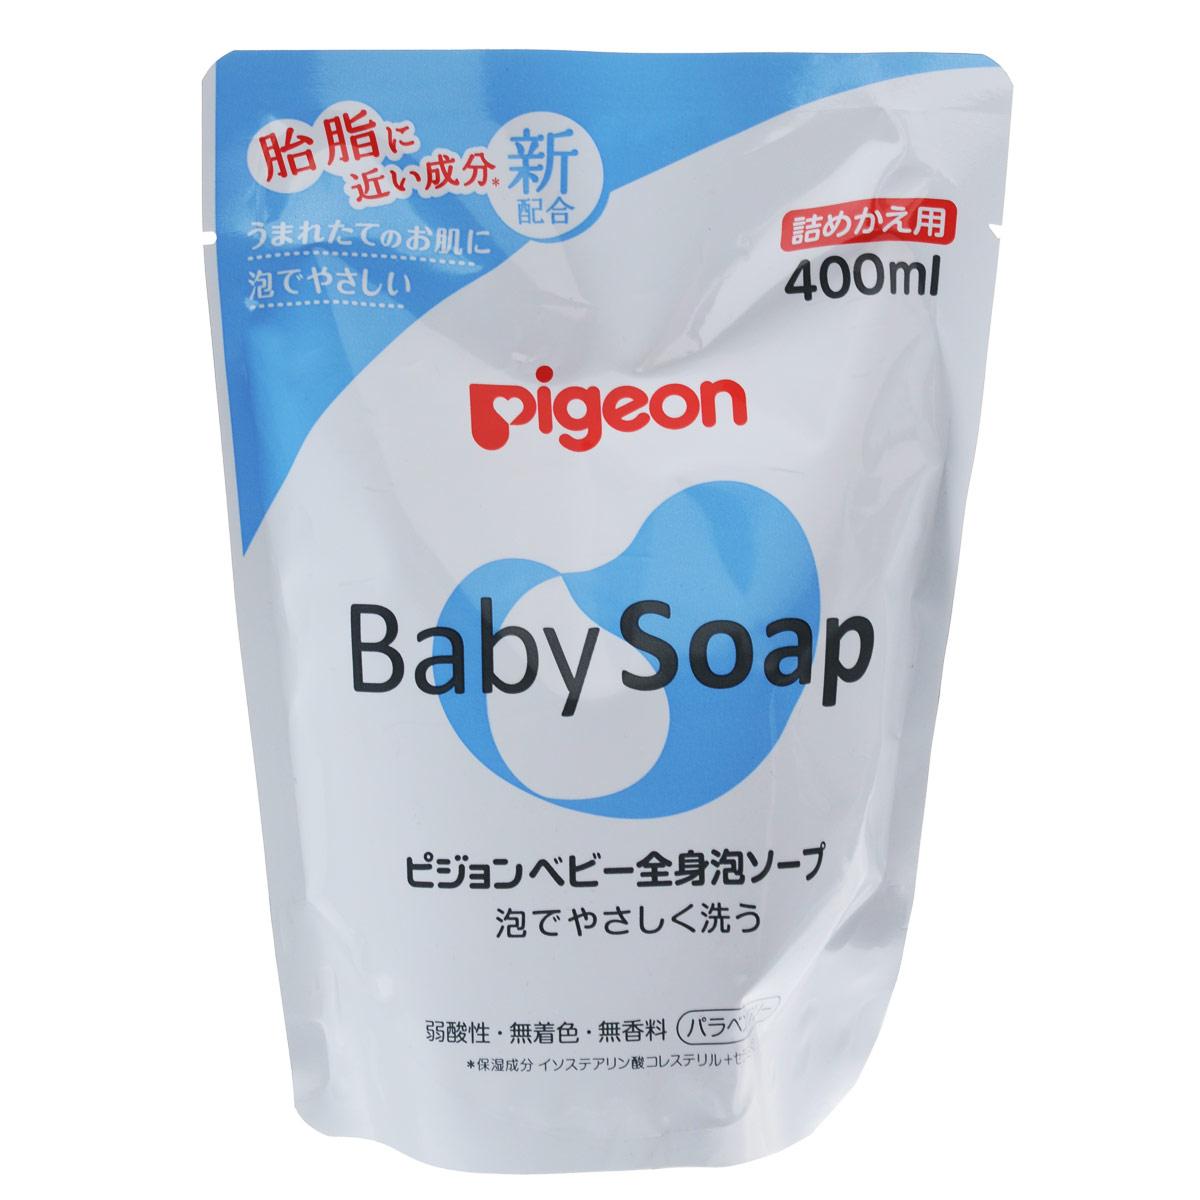 PIGEON Мыло-пенка для младенцев с рождения, сменный блок, 400мл. игрушки для младенцев pigeon